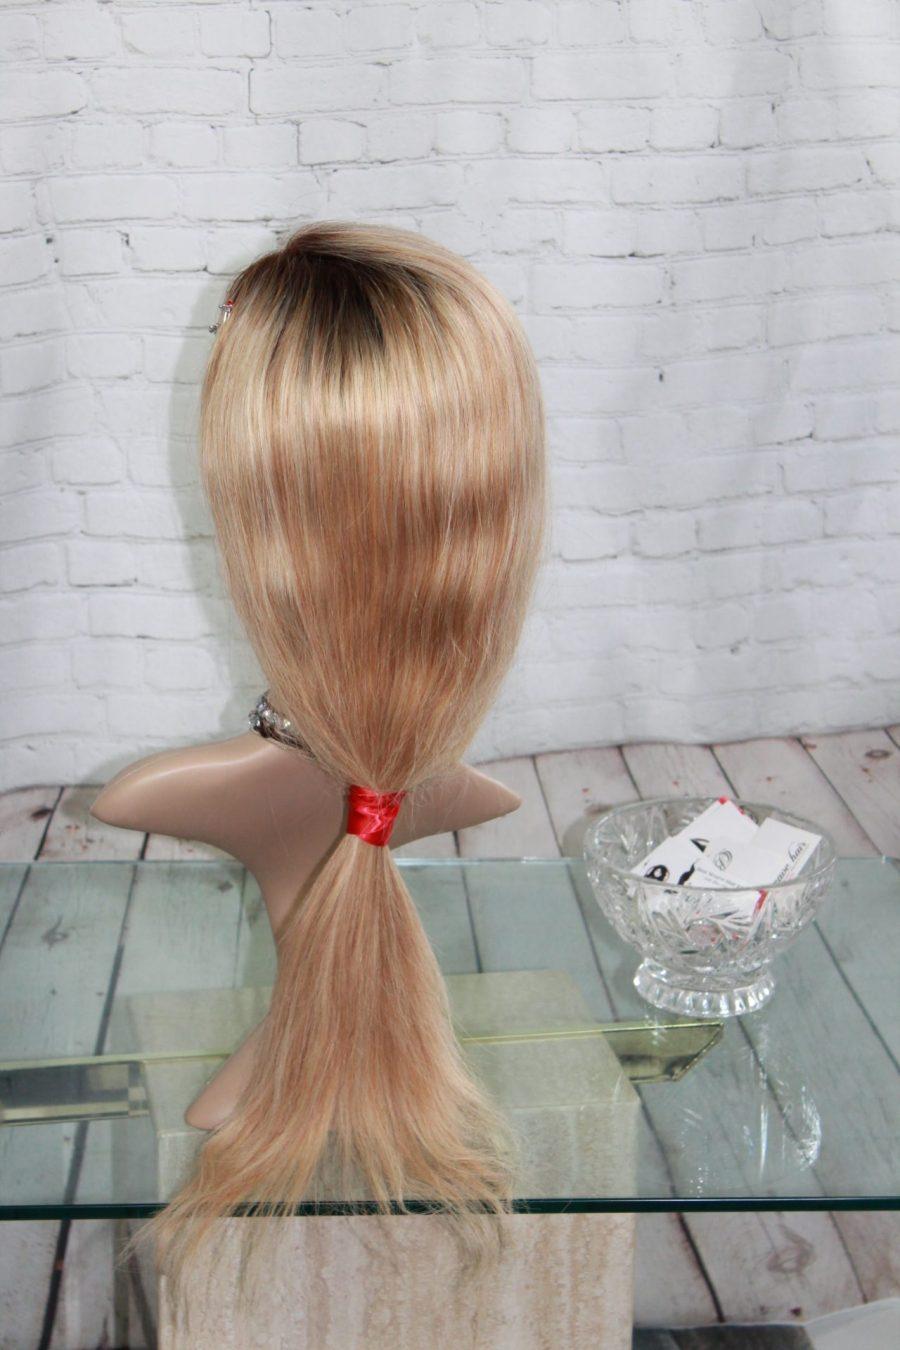 Perruque-Longue-Blonde-Ombrée-Cheveux-Naturelle-18po-Montreal-Canada